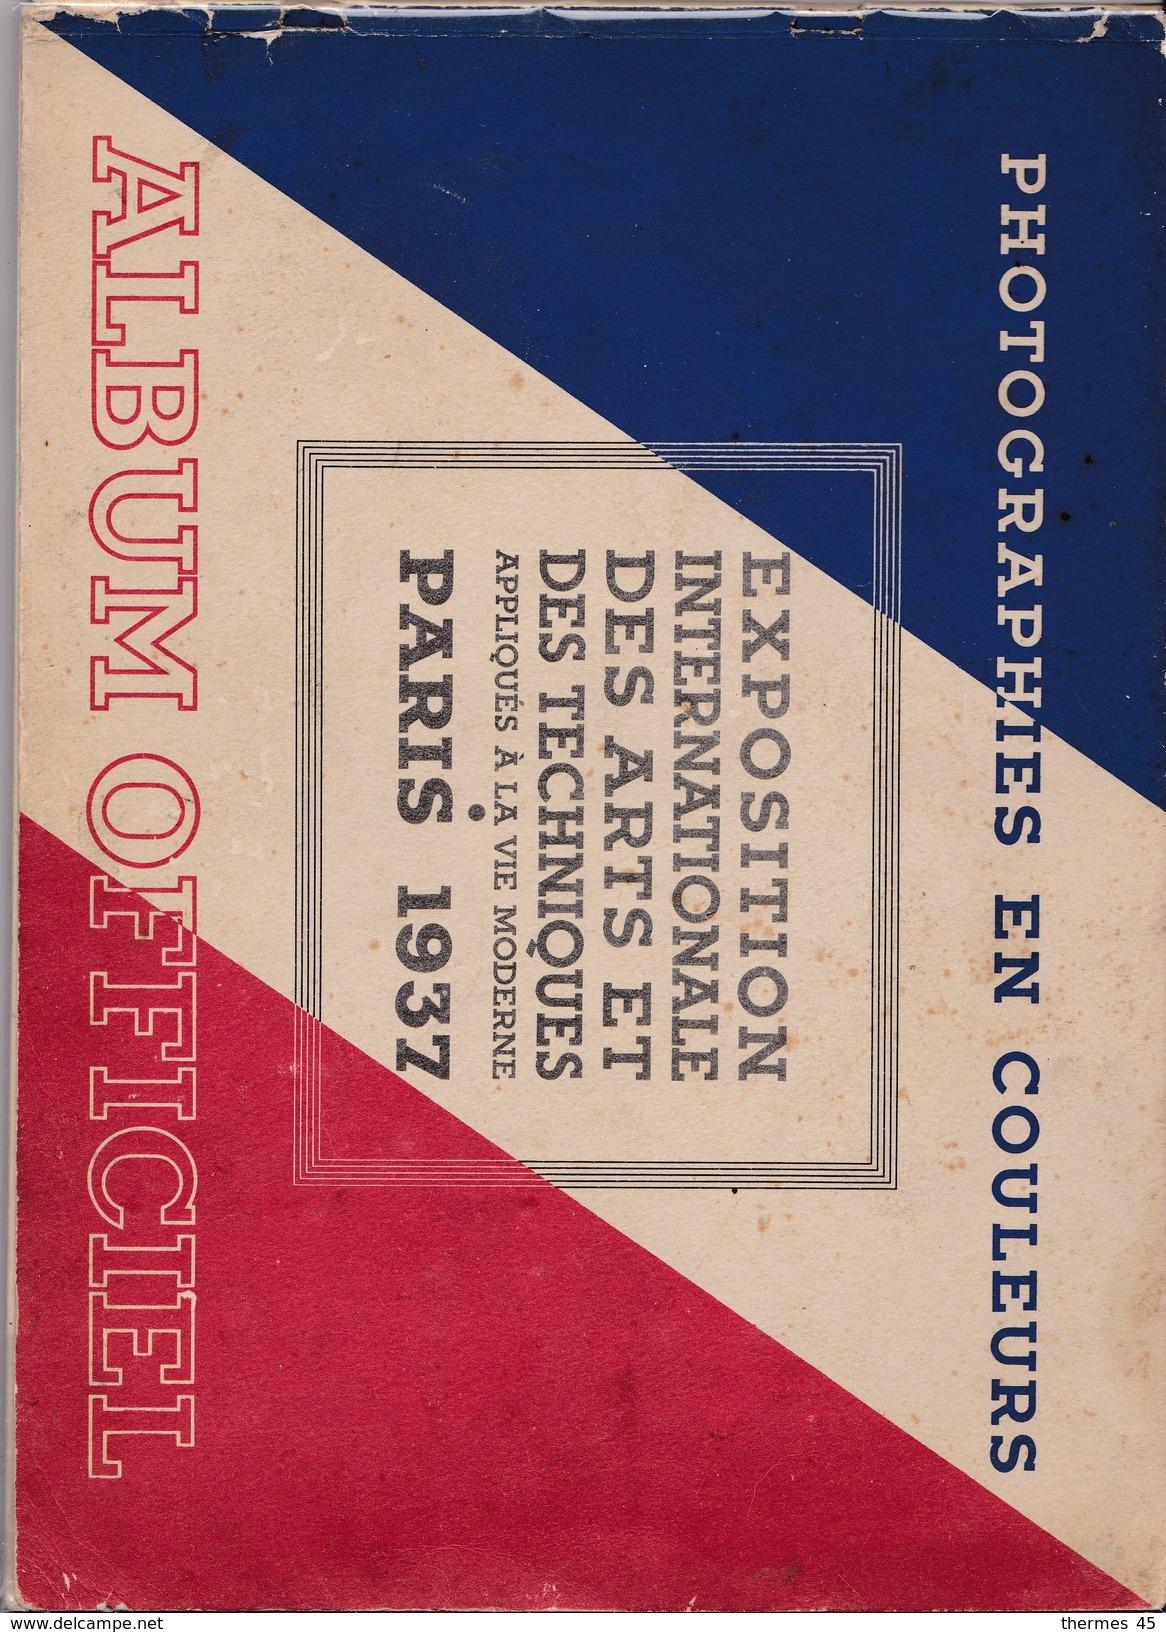 PARIS / EXPOSITION INTERNATIONALE DES ARTS ET DES TECHNIQUES, 1937 / ALBUM OFFICIEL. - Art